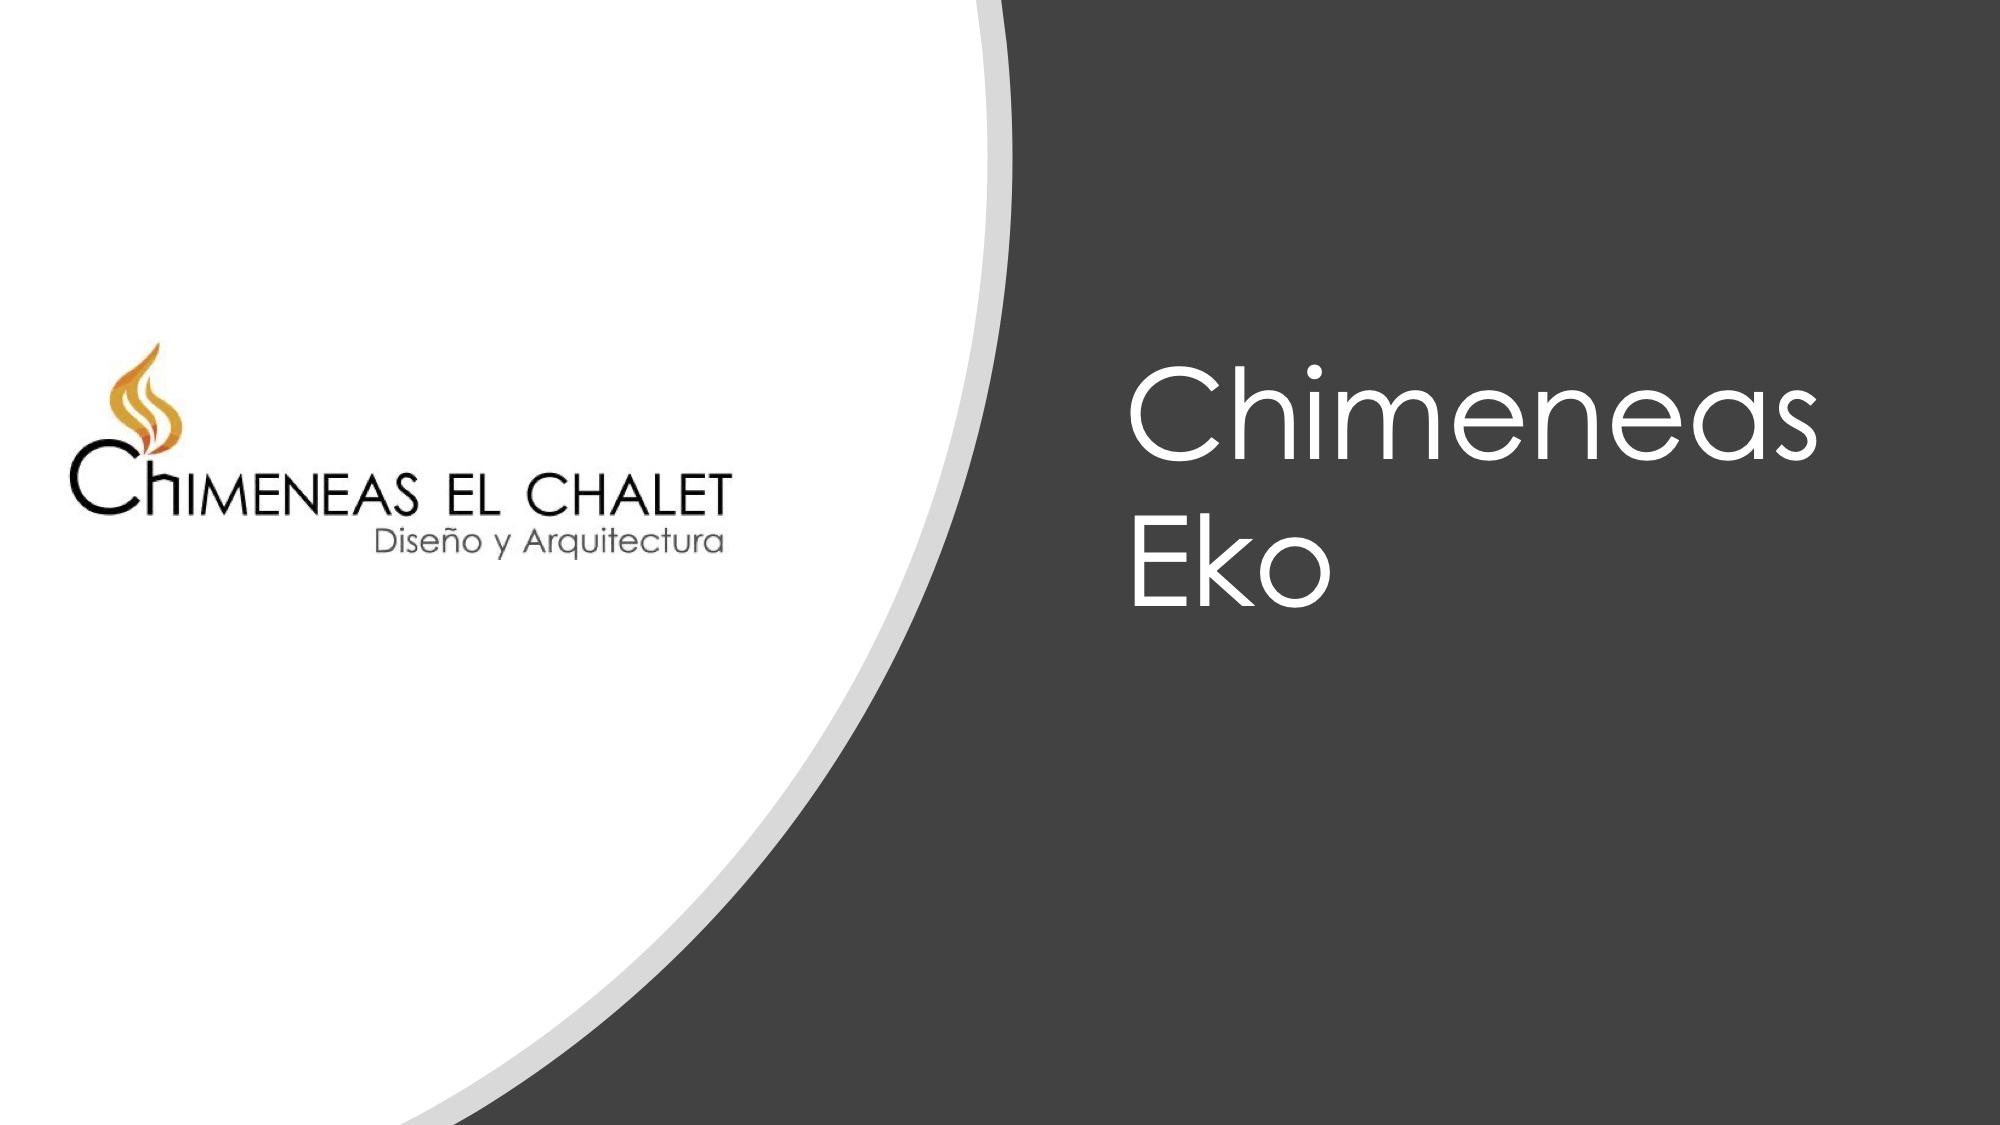 Portafolio Chimeneas diseno Eko 2019 Chimeneas el chalet SAS 1 - Chimeneas Bogotá